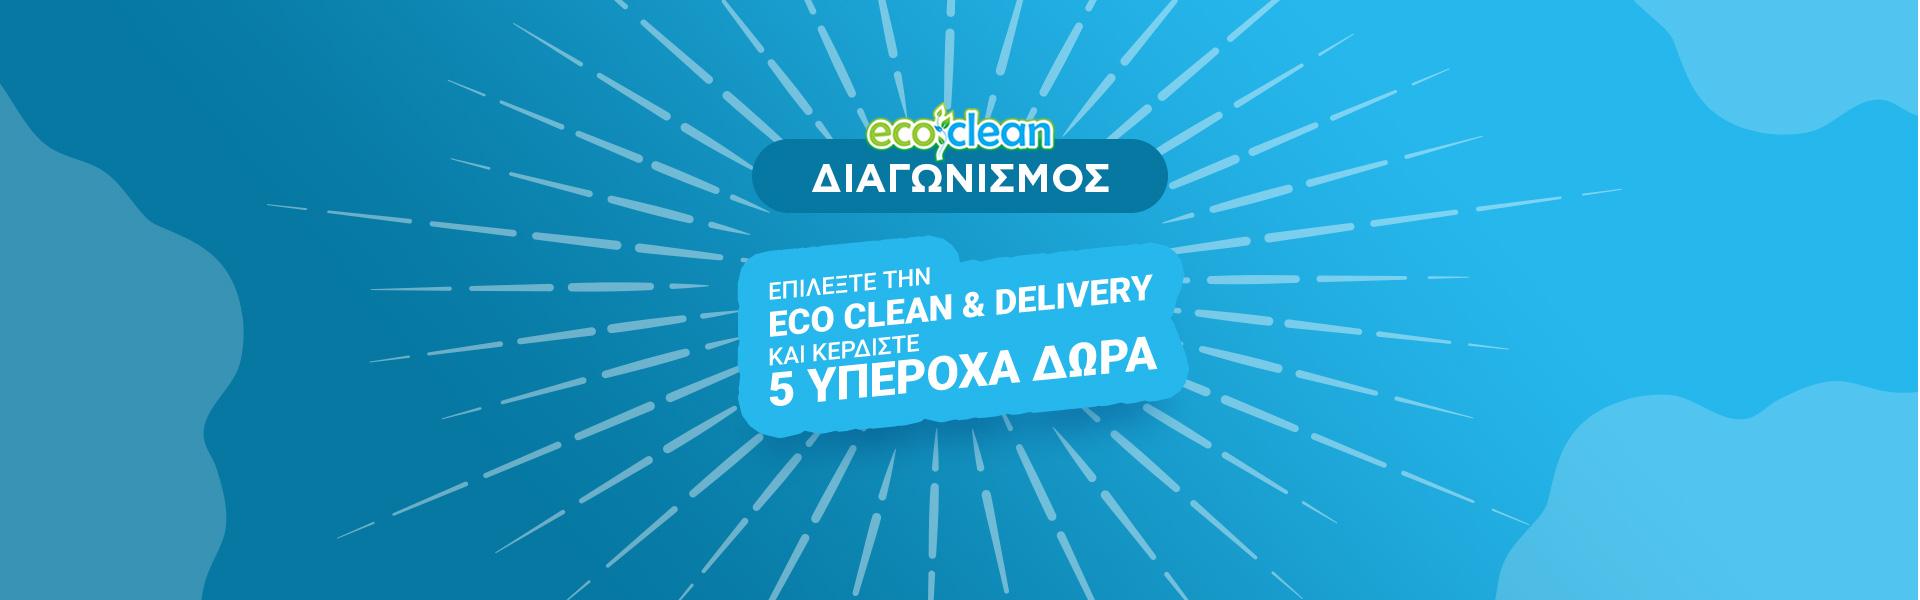 ecoclean_Slideshow1